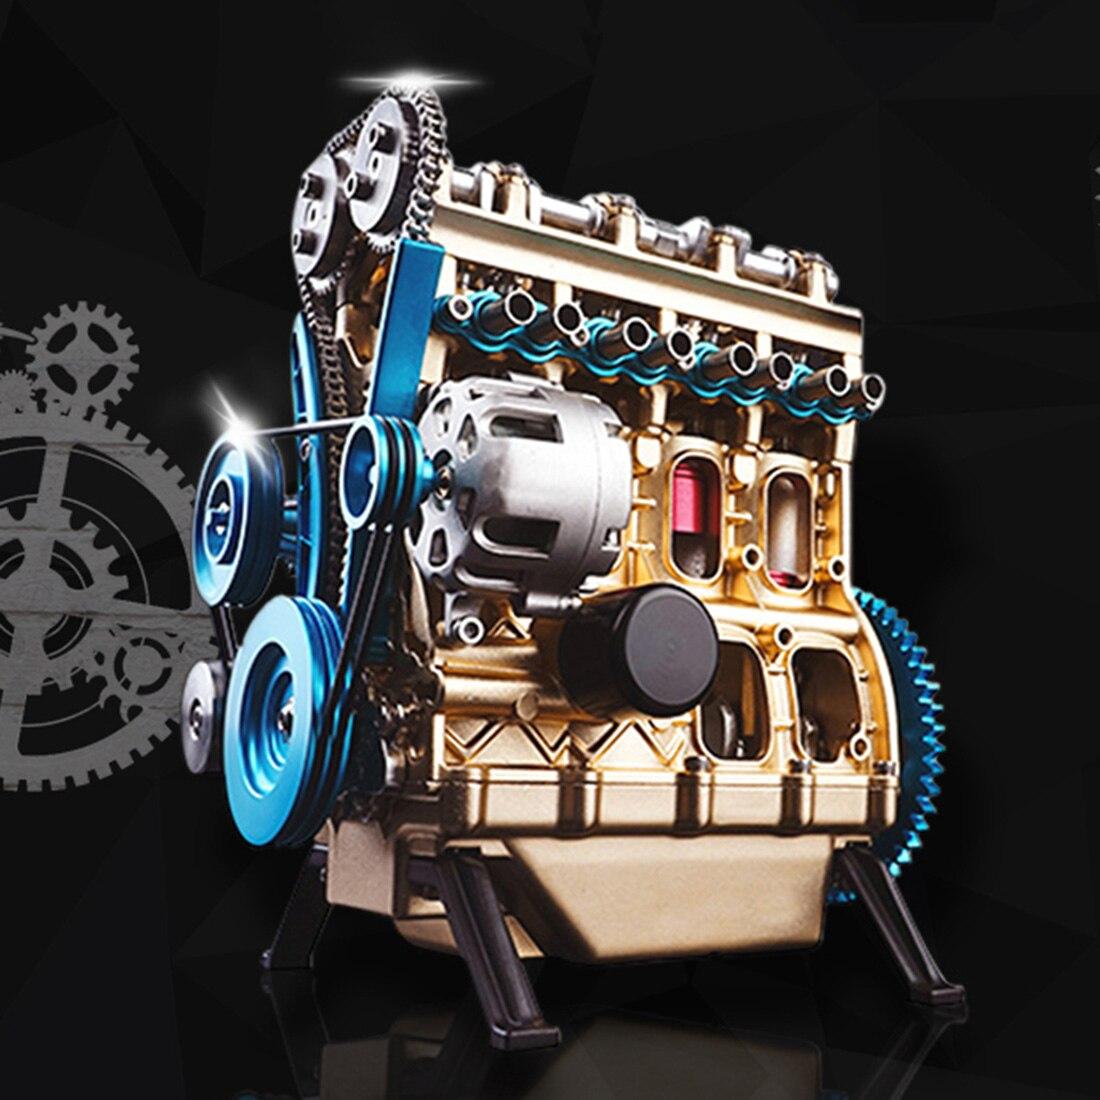 Высоко рекомендуемый полностью металлический автомобиль мини сборный встроенный четырехцилиндровый двигатель модель игрушки для взрослых